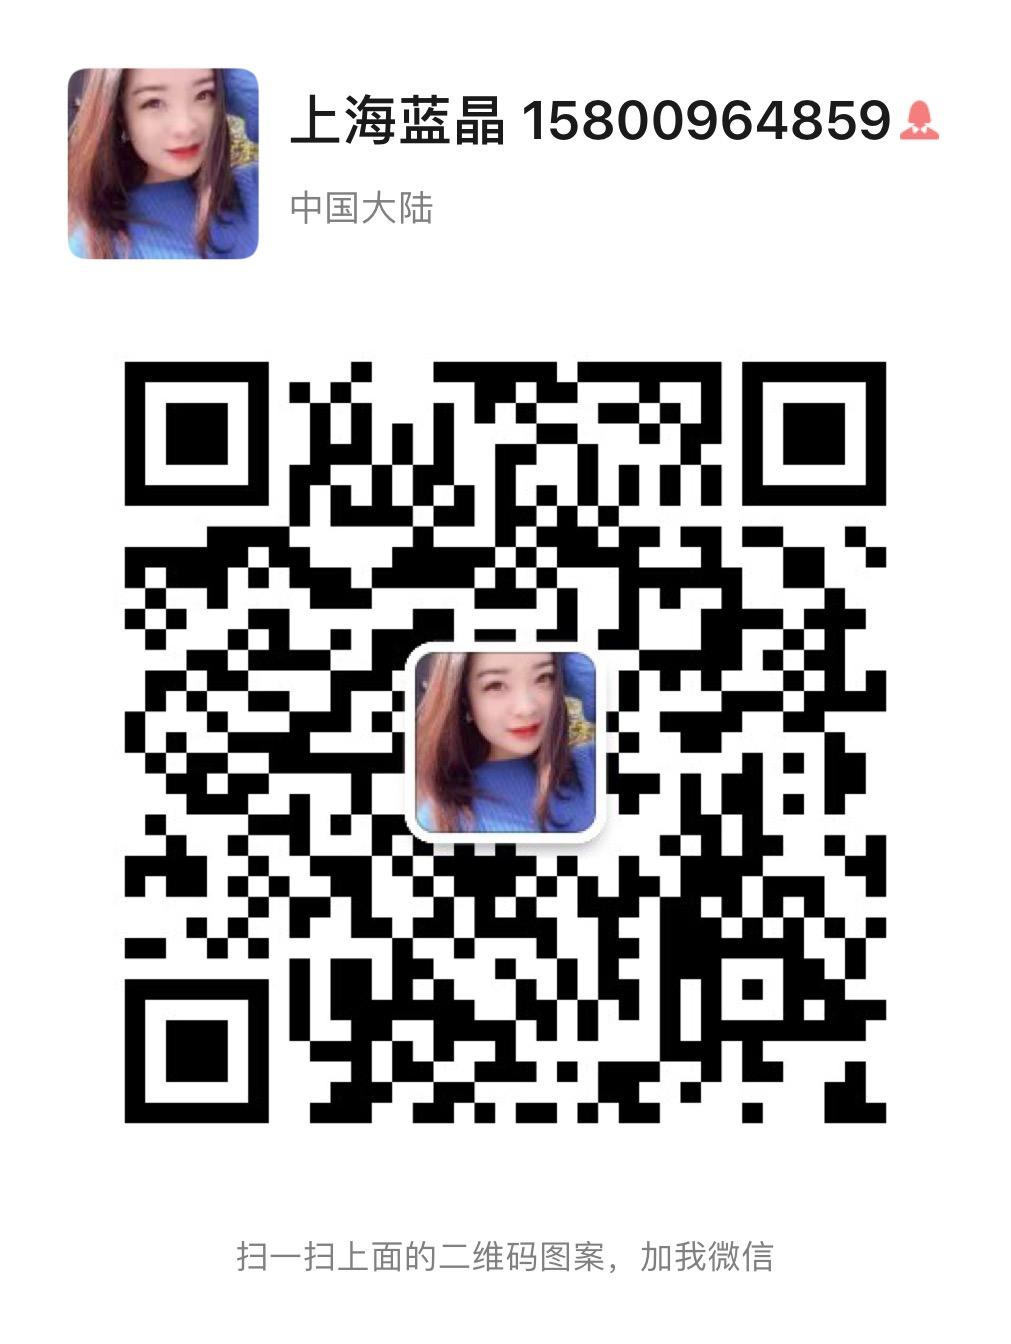 上海蓝晶光电科技有限公司